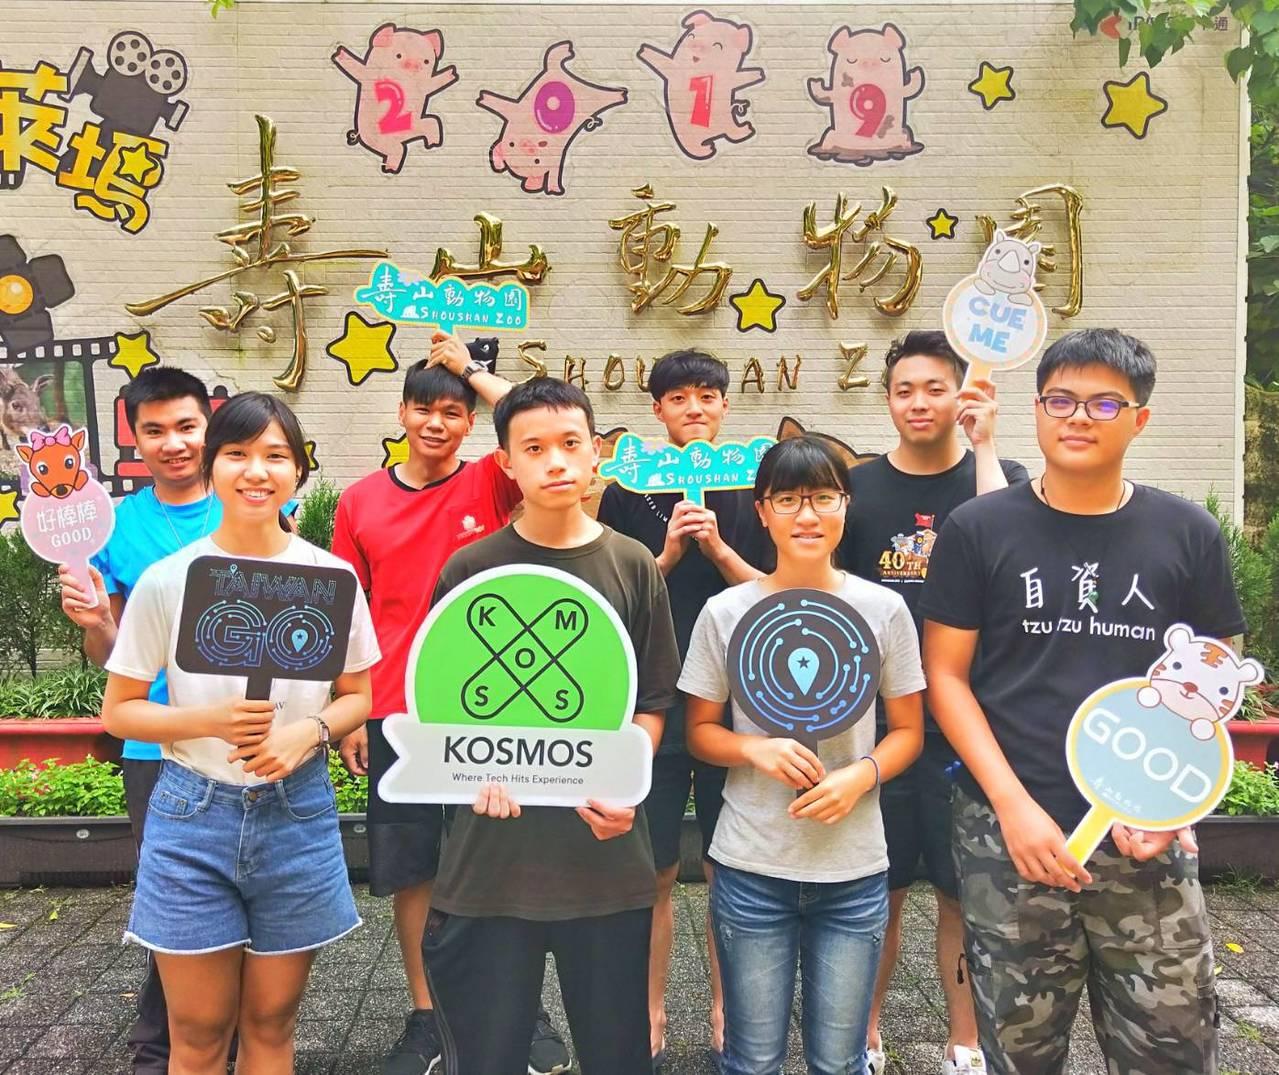 高雄壽山動物園這次合作的Taiwan GO是一款在地化LBS(適地性服務) Ap...